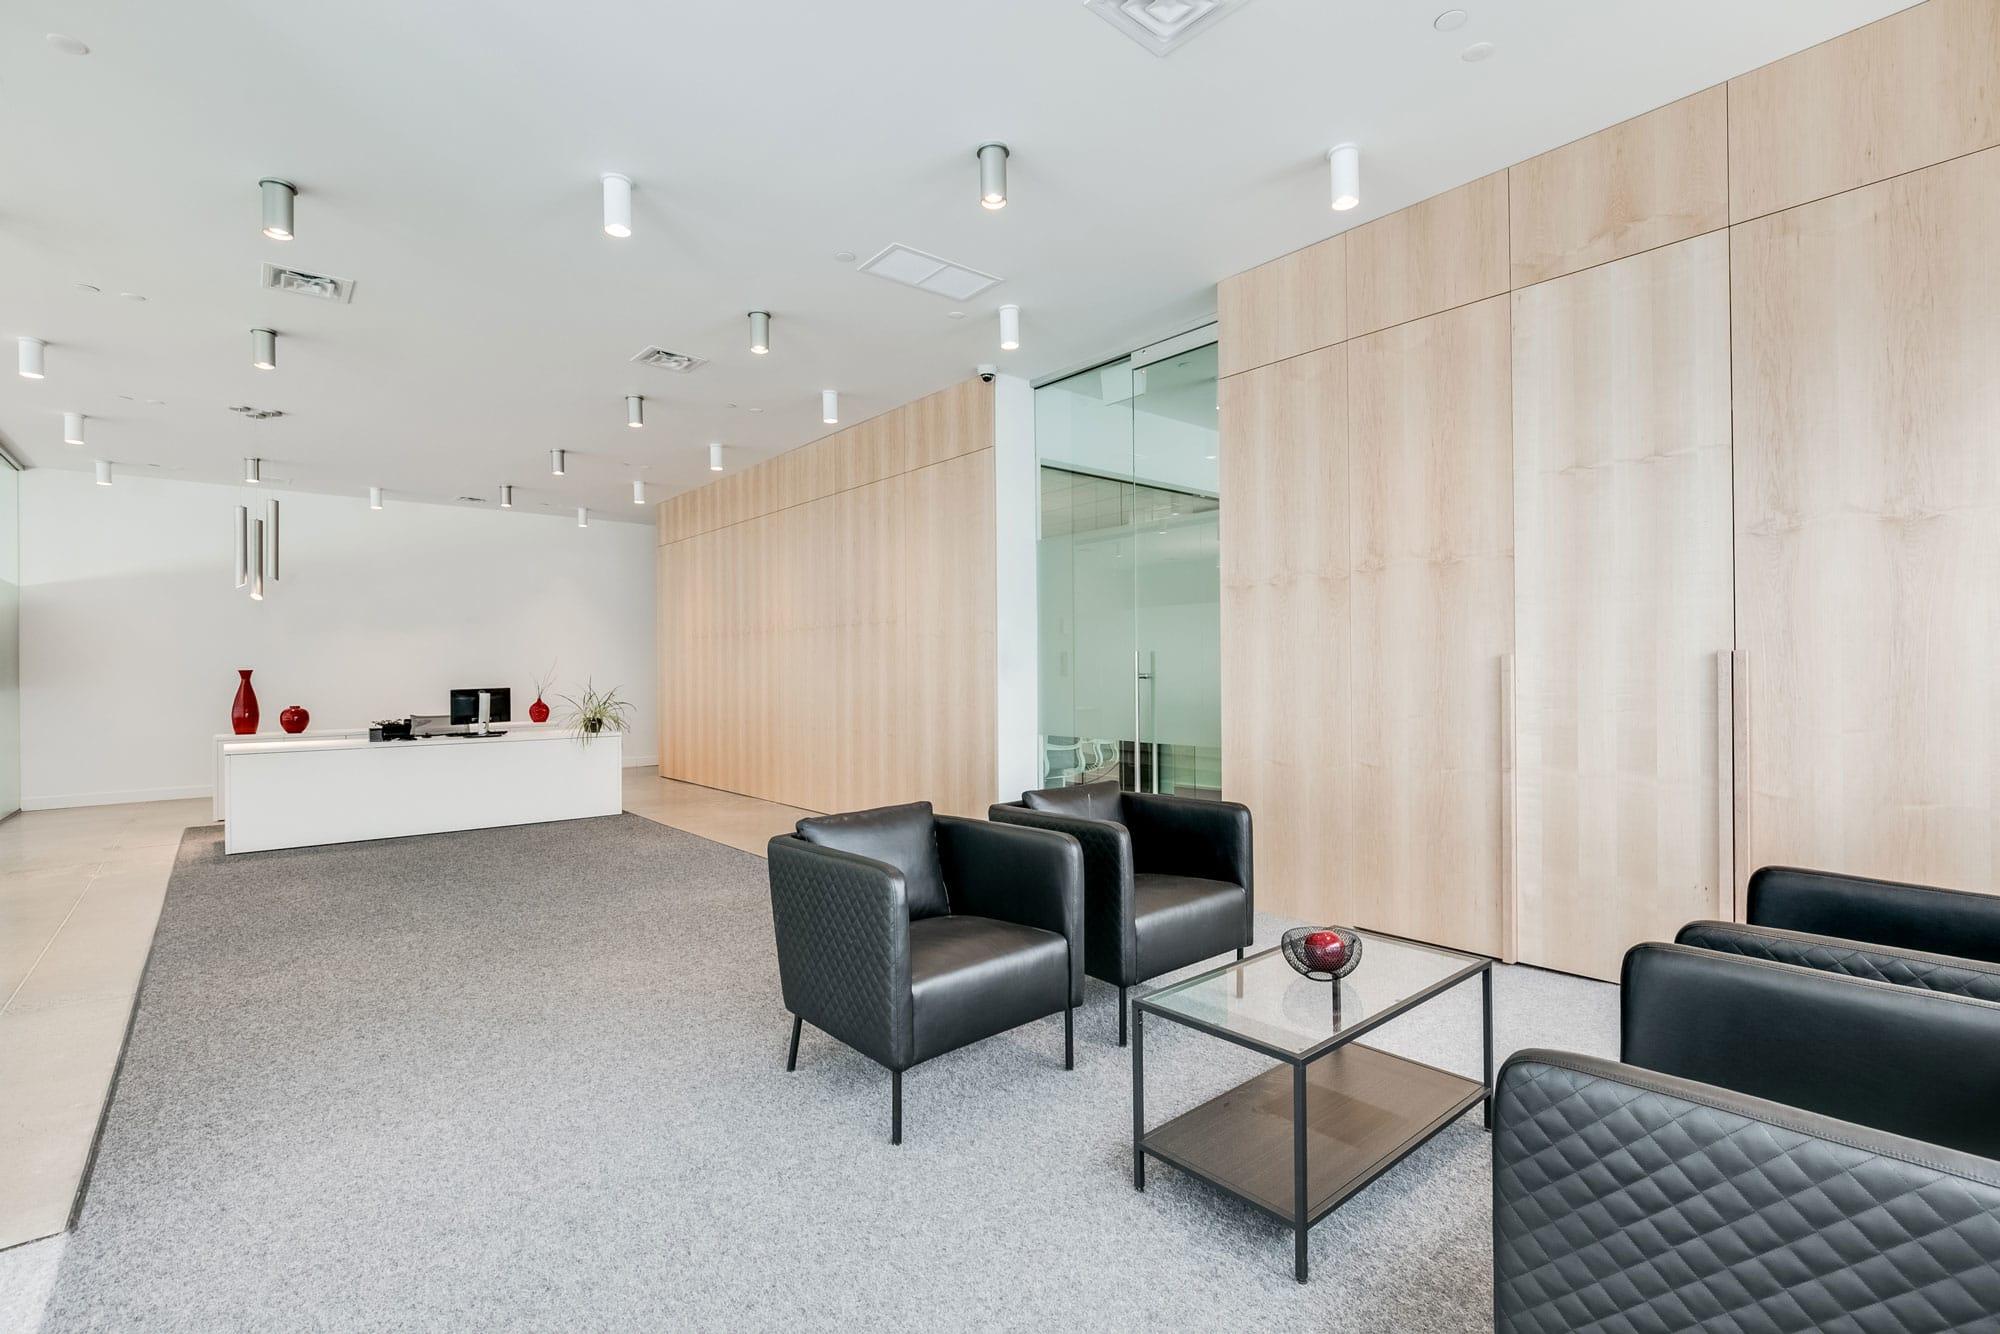 bureau de réception avec espace pour attente dans une entreprise nouvellement rénové